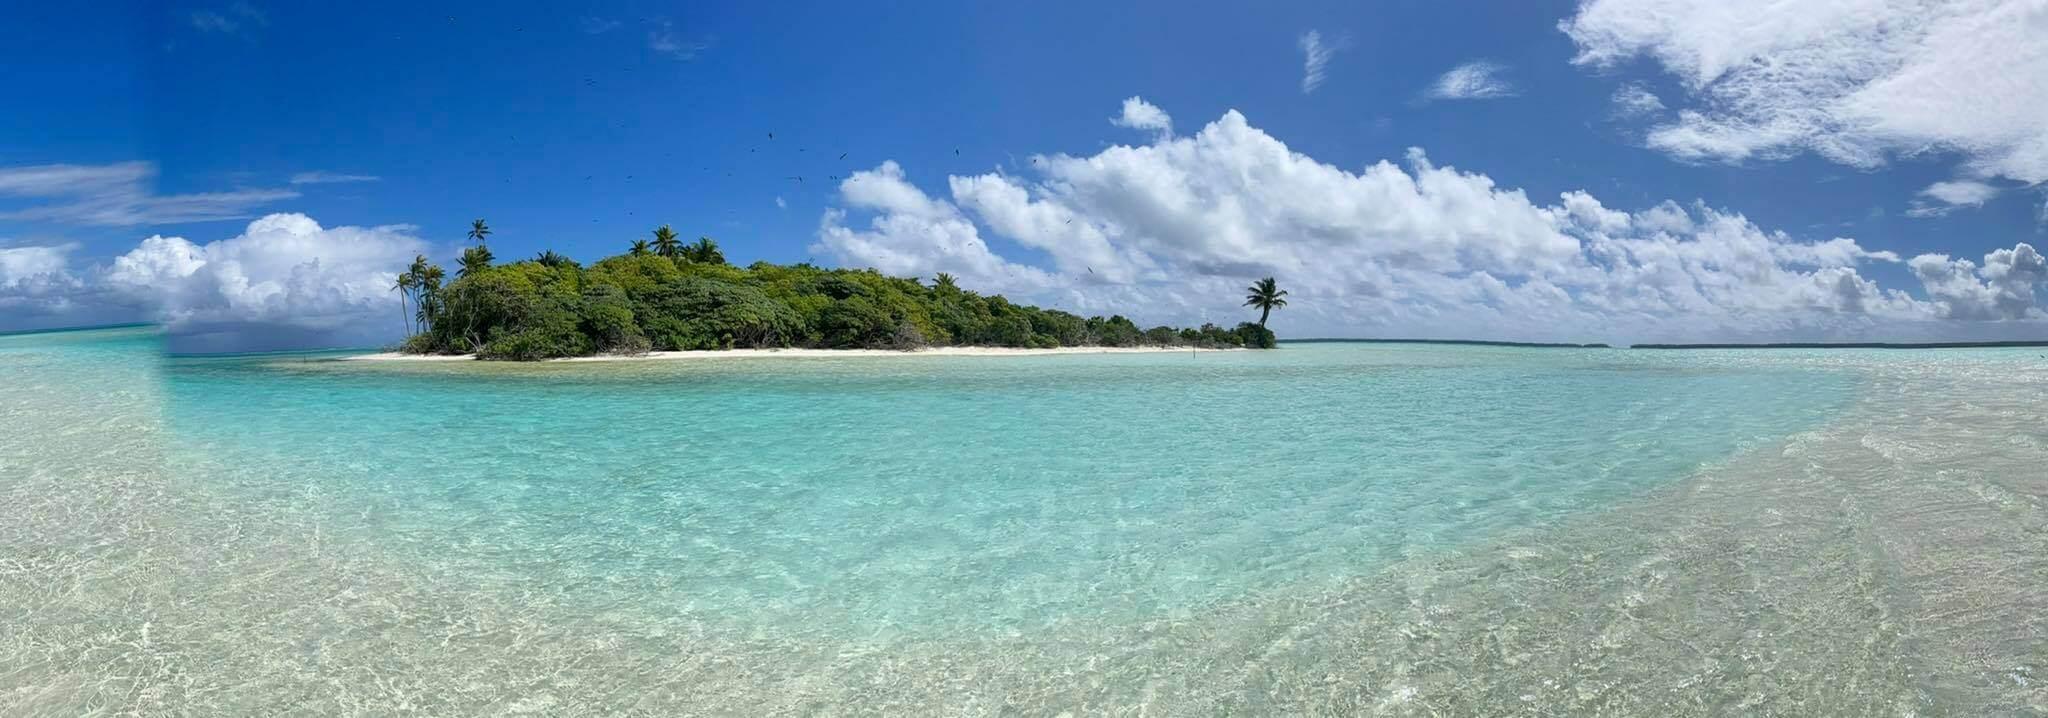 http://tahitivoileetlagon.com/wp-content/uploads/2021/07/île-aux-oiseaux-TETIAROA.jpg